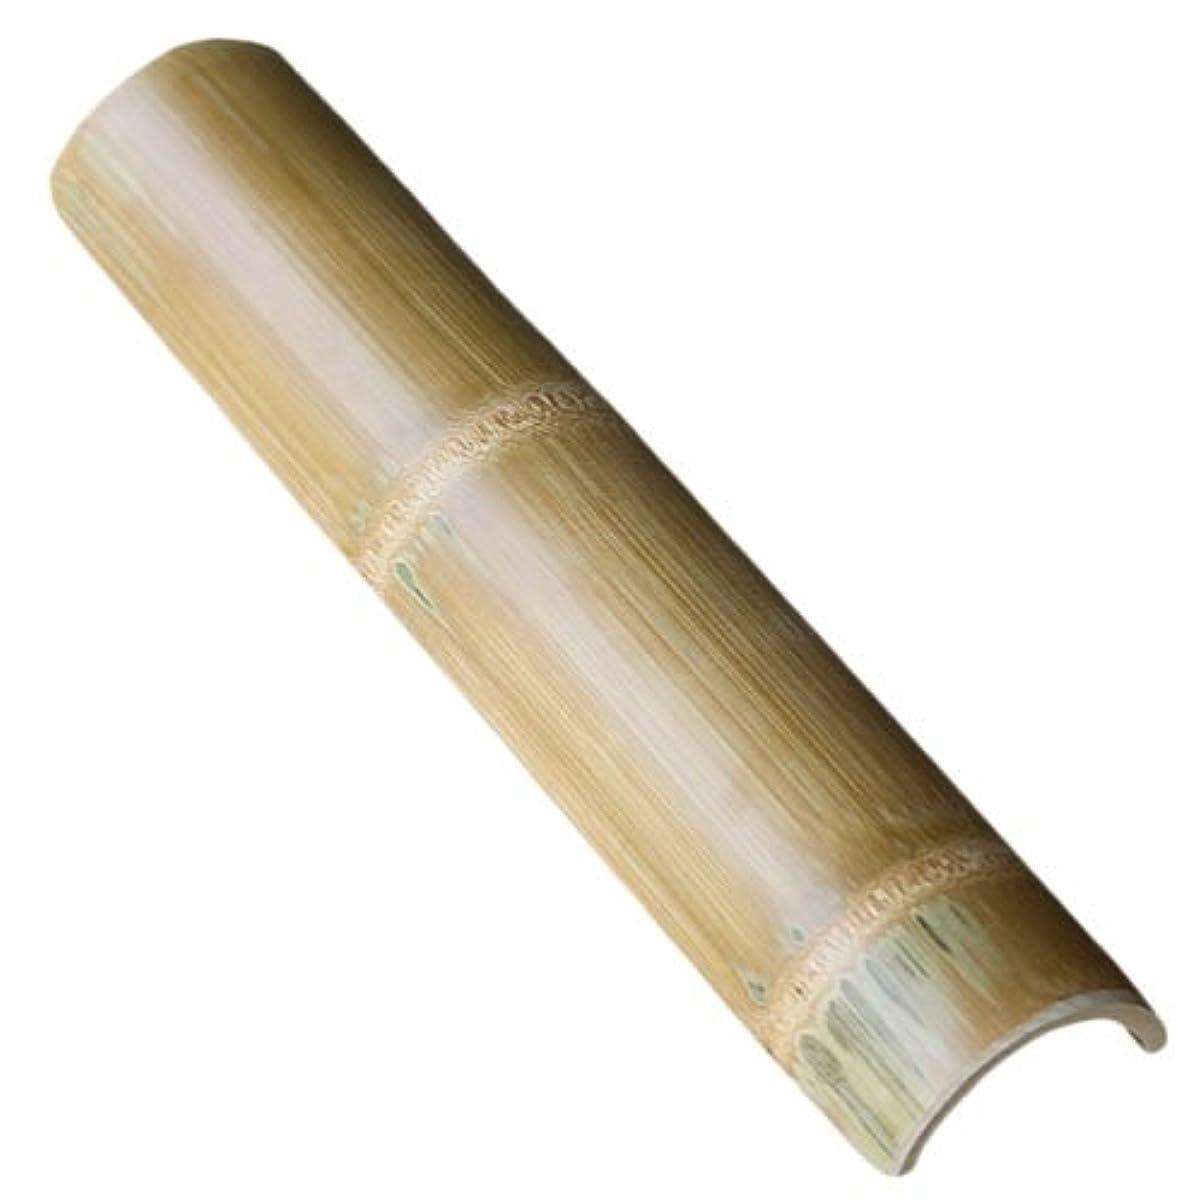 その生物学事業【国産】青竹を炭化加工して防虫、防カビ効果を向上させて美しく磨き上げています竹踏み(炭化竹)